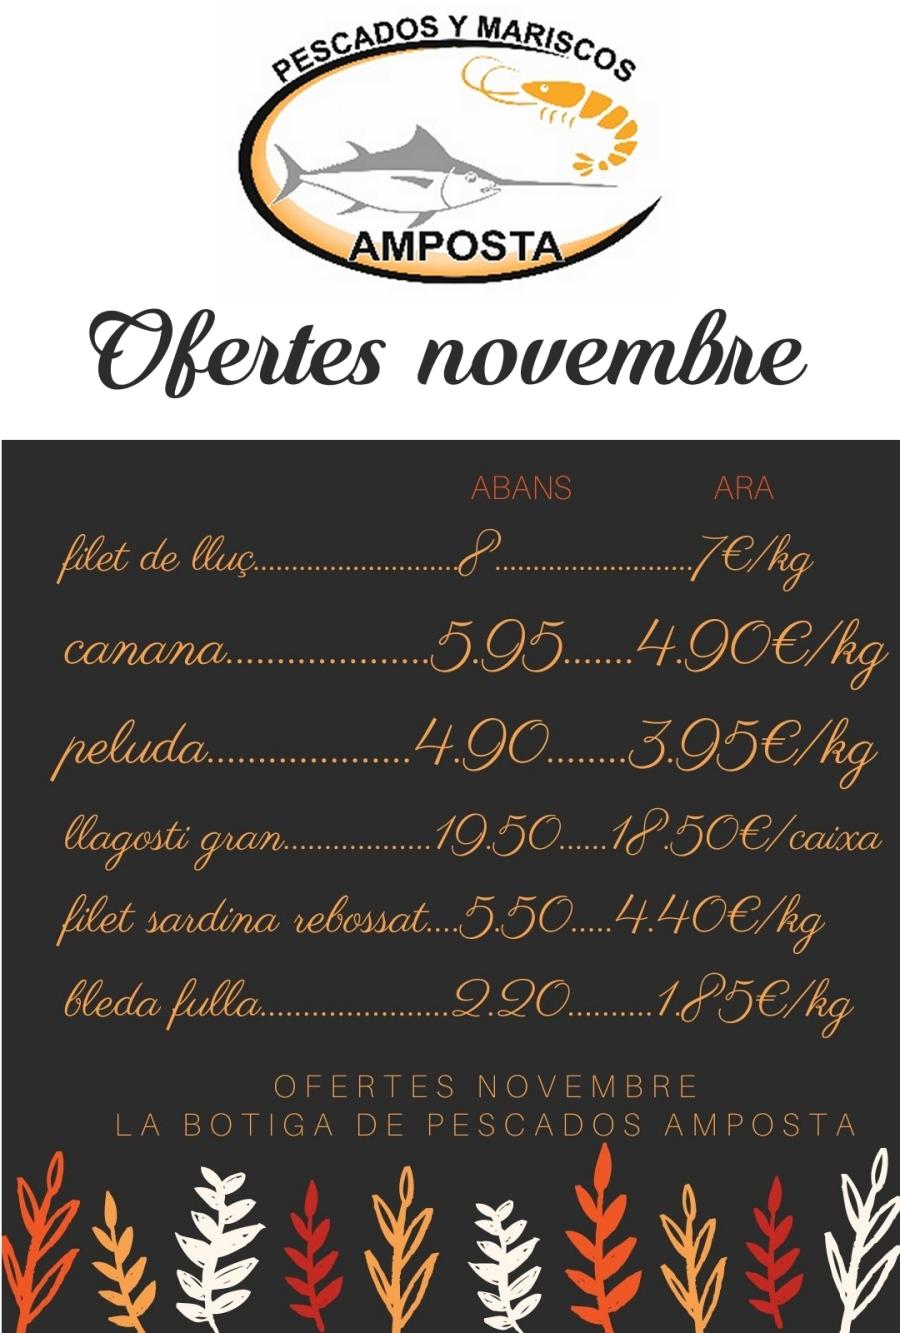 PESCADOS AMPOSTA: OFERTES NOVEMBRE 2020   Amposta.info